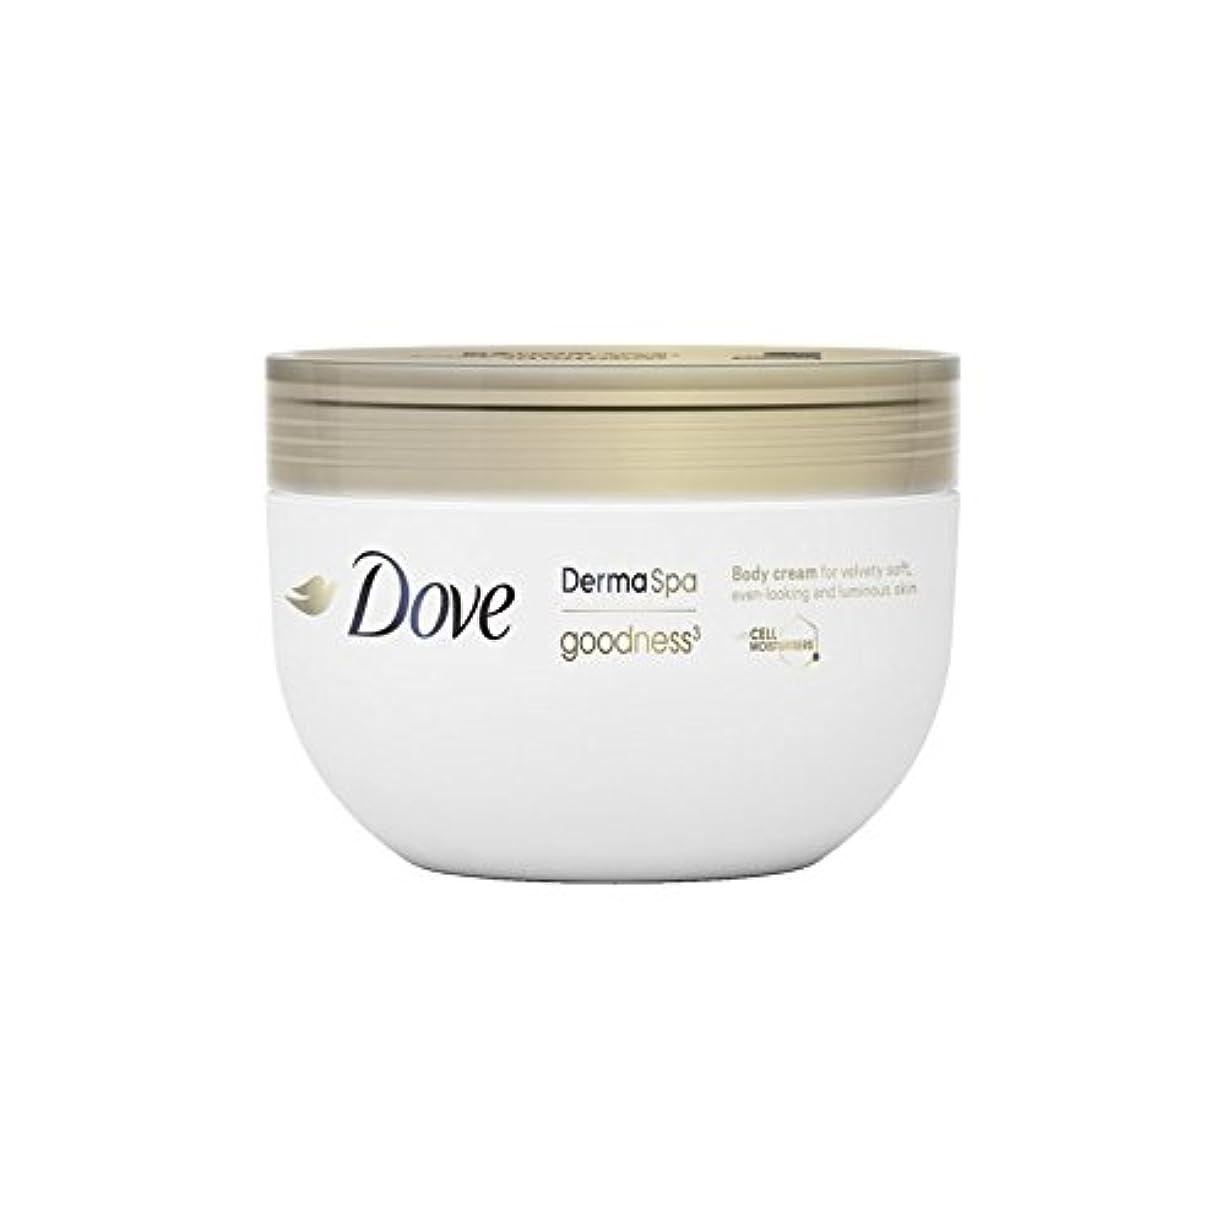 アソシエイトピアニスト失礼Dove DermaSpa Goodness3 Body Cream (300ml) (Pack of 6) - 鳩の3ボディクリーム(300ミリリットル) x6 [並行輸入品]